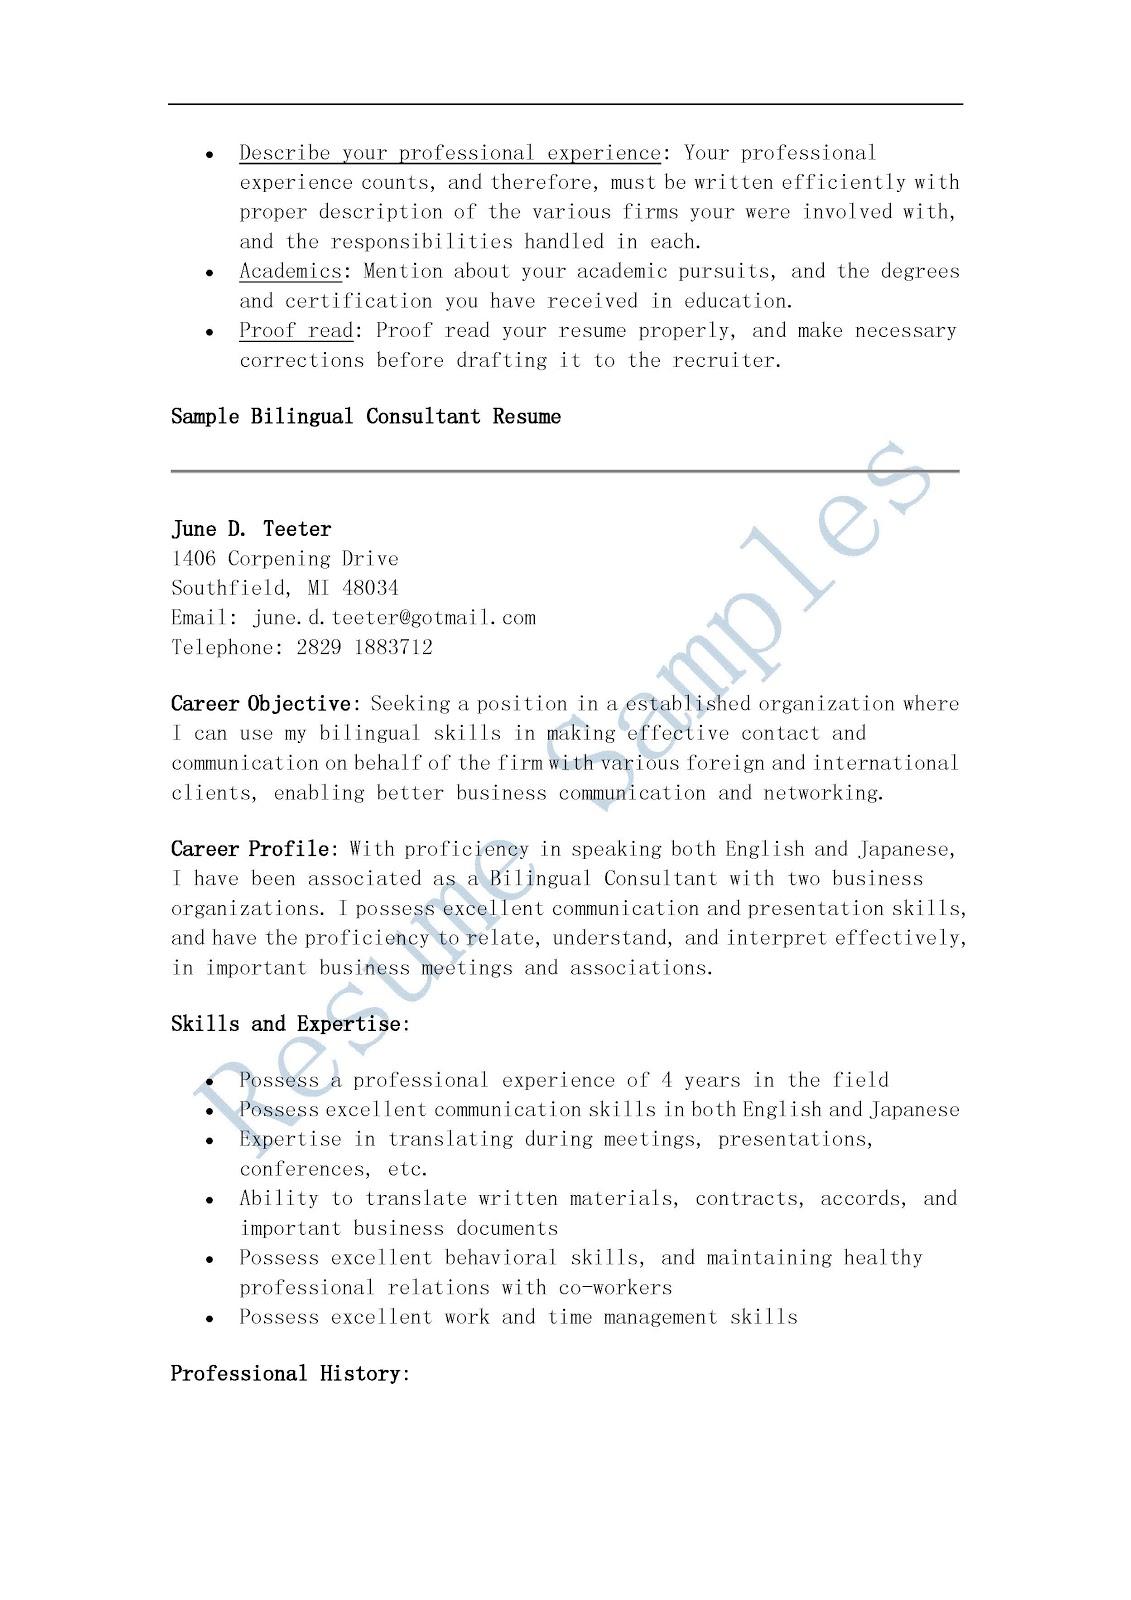 resume samples  bilingual consultant resume